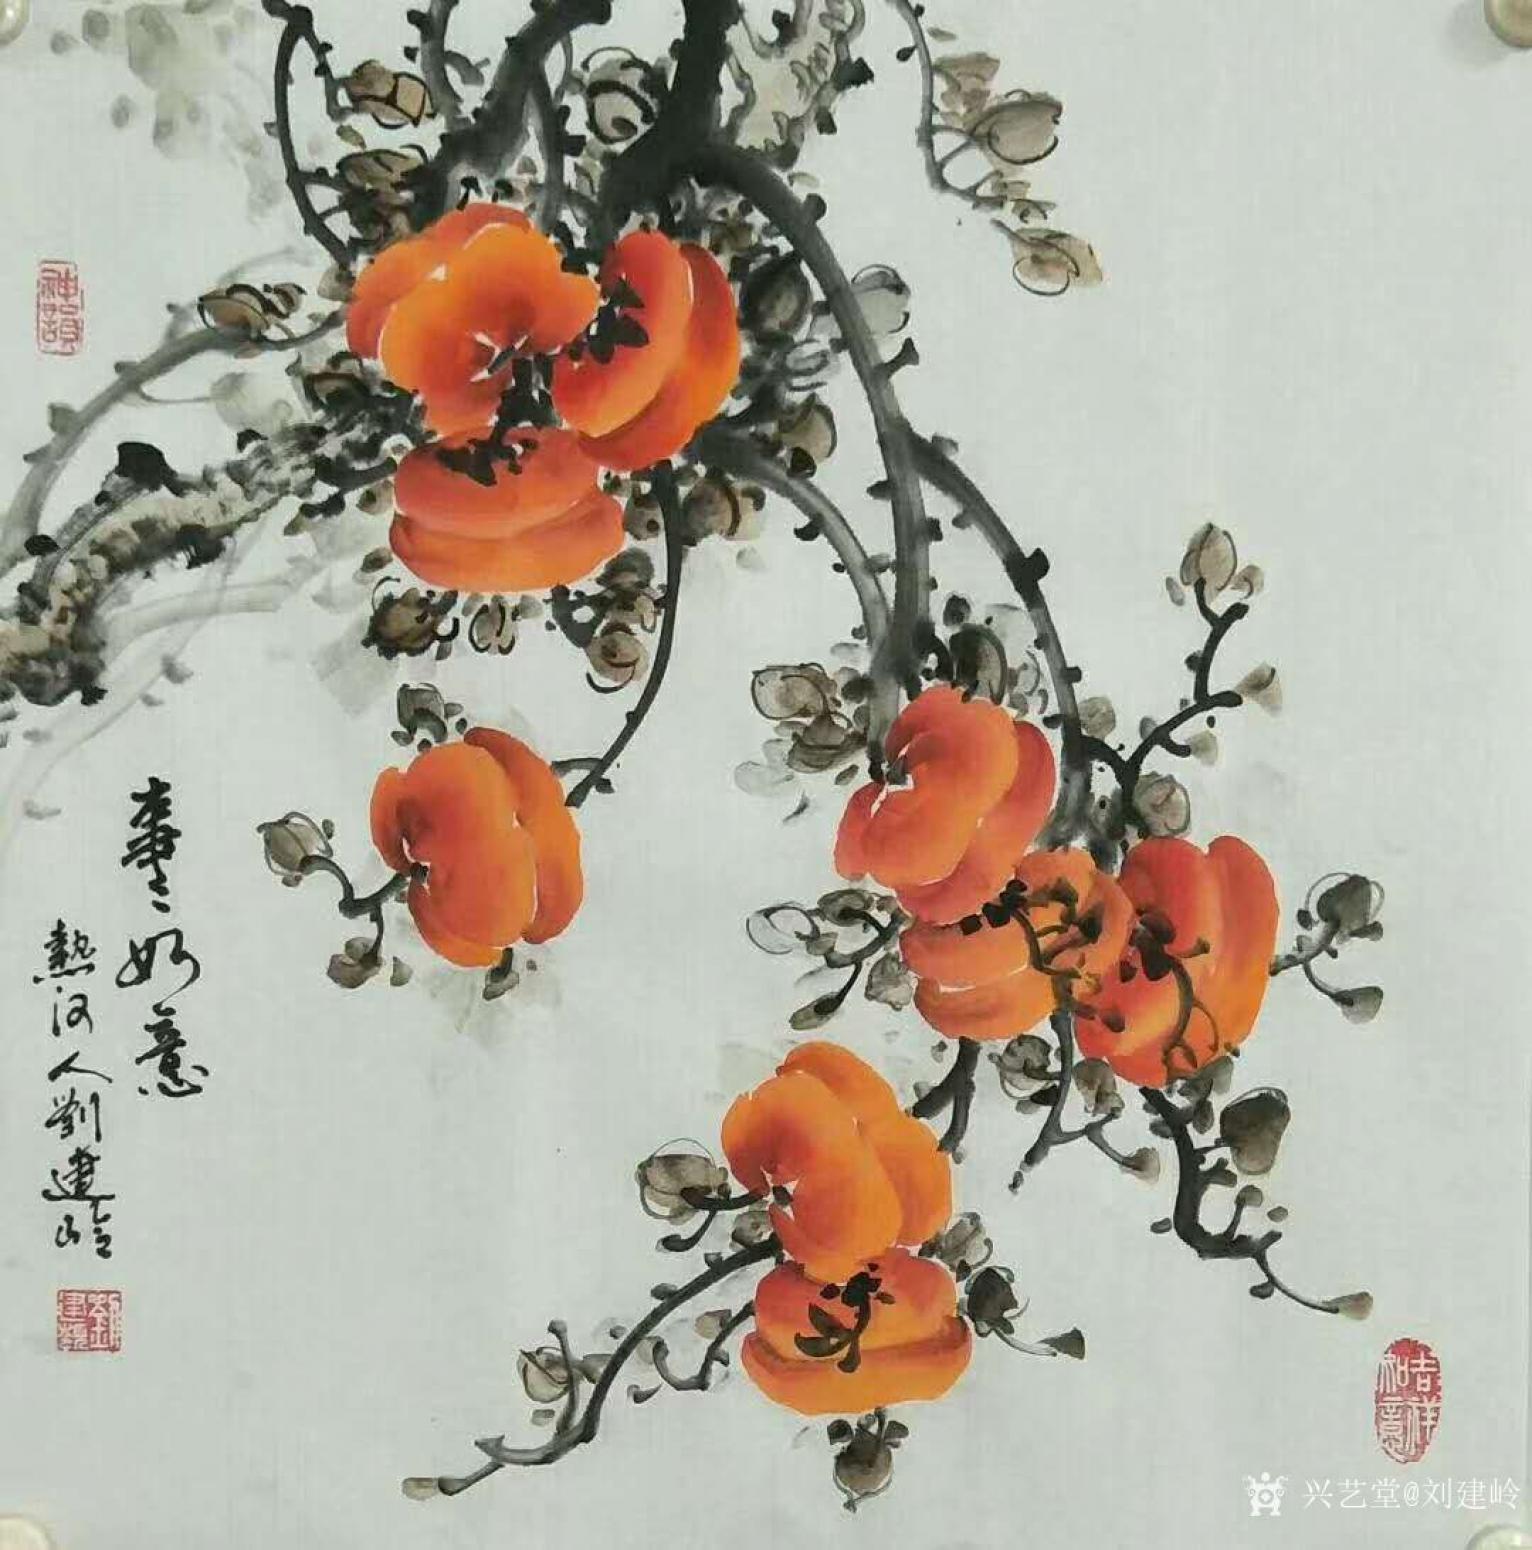 刘建岭国画作品《事事如意4(斗方)》【图0】